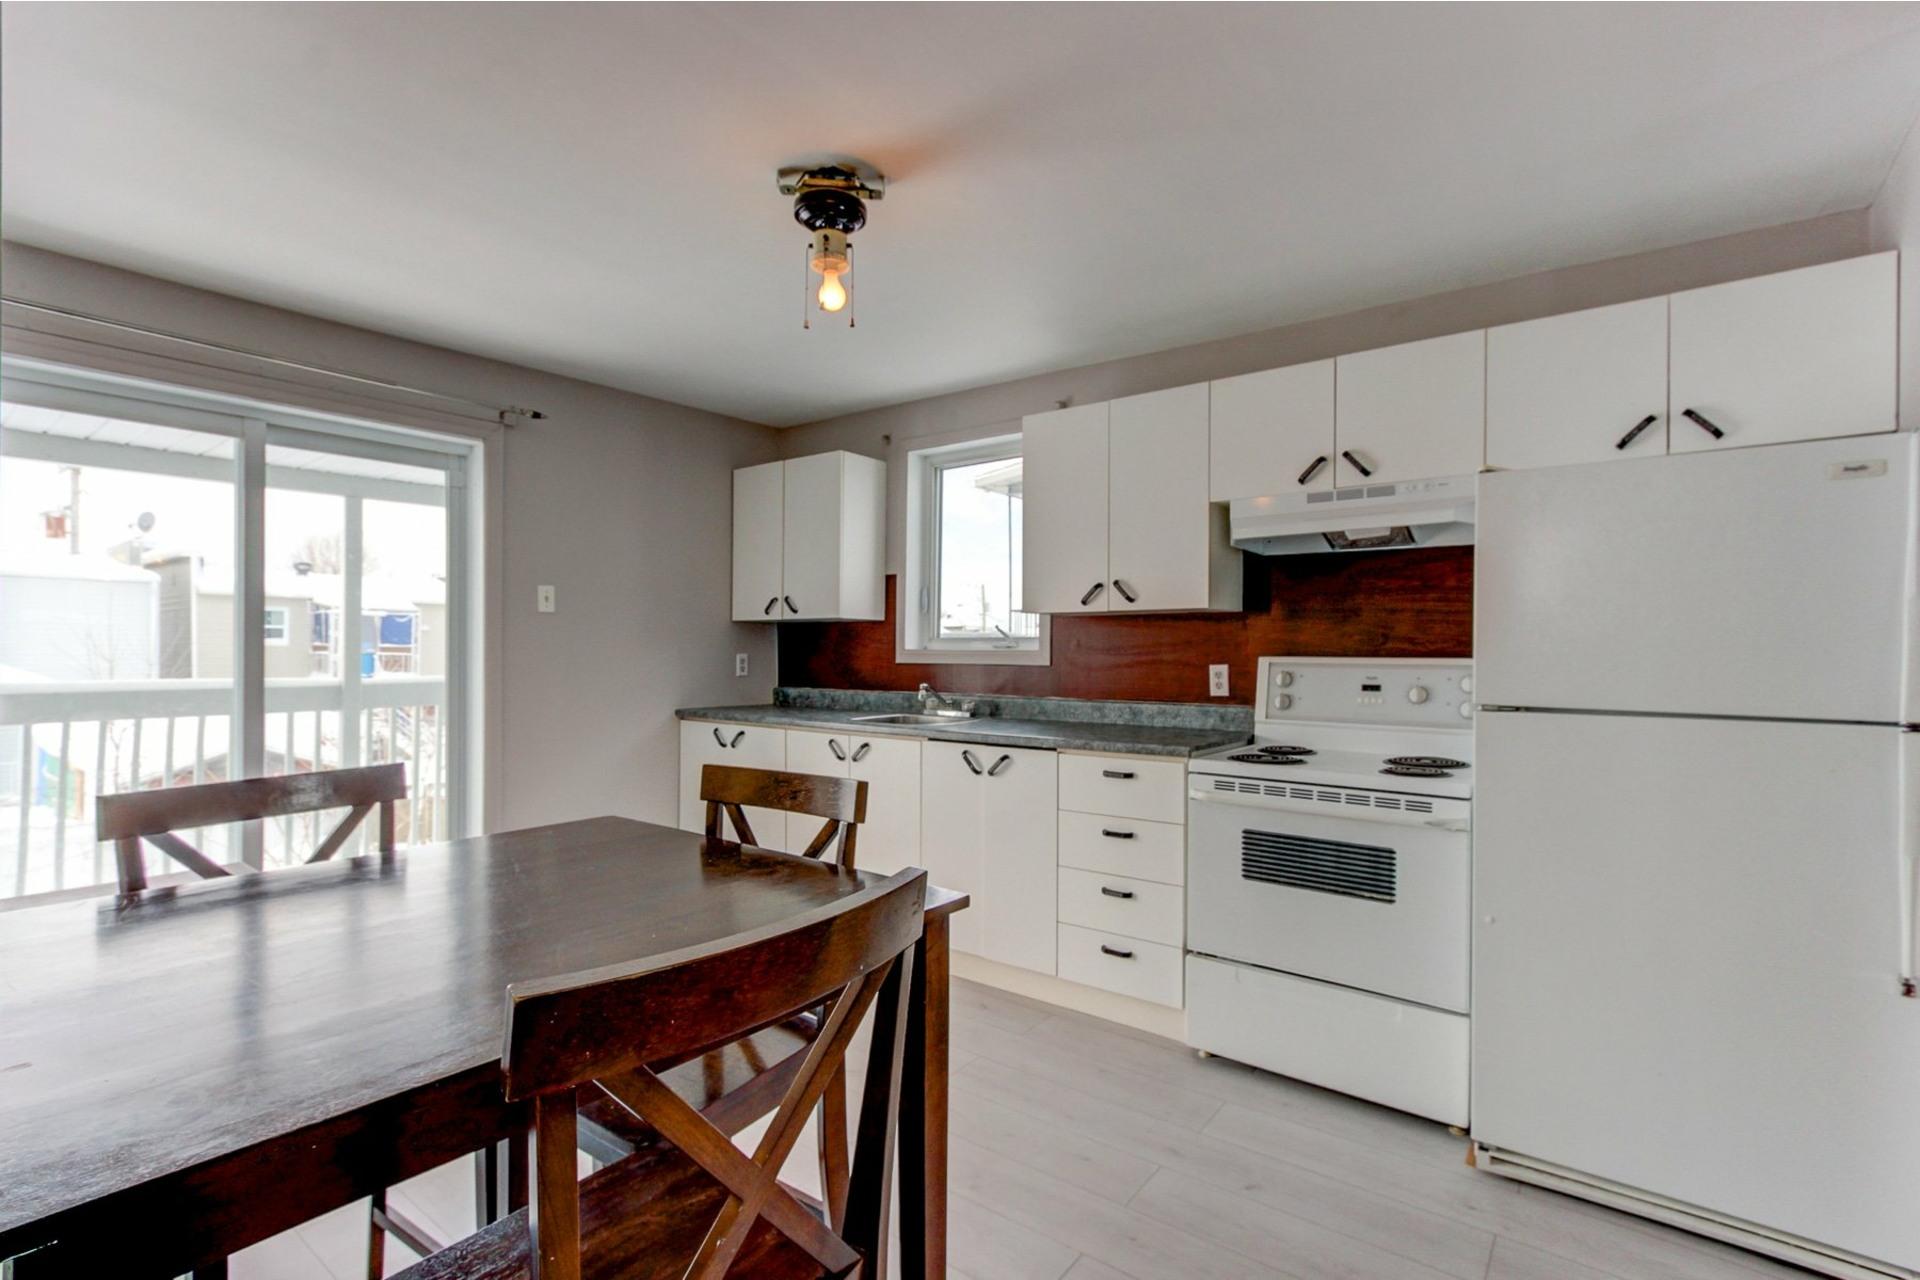 image 12 - Duplex À vendre Trois-Rivières - 5 pièces